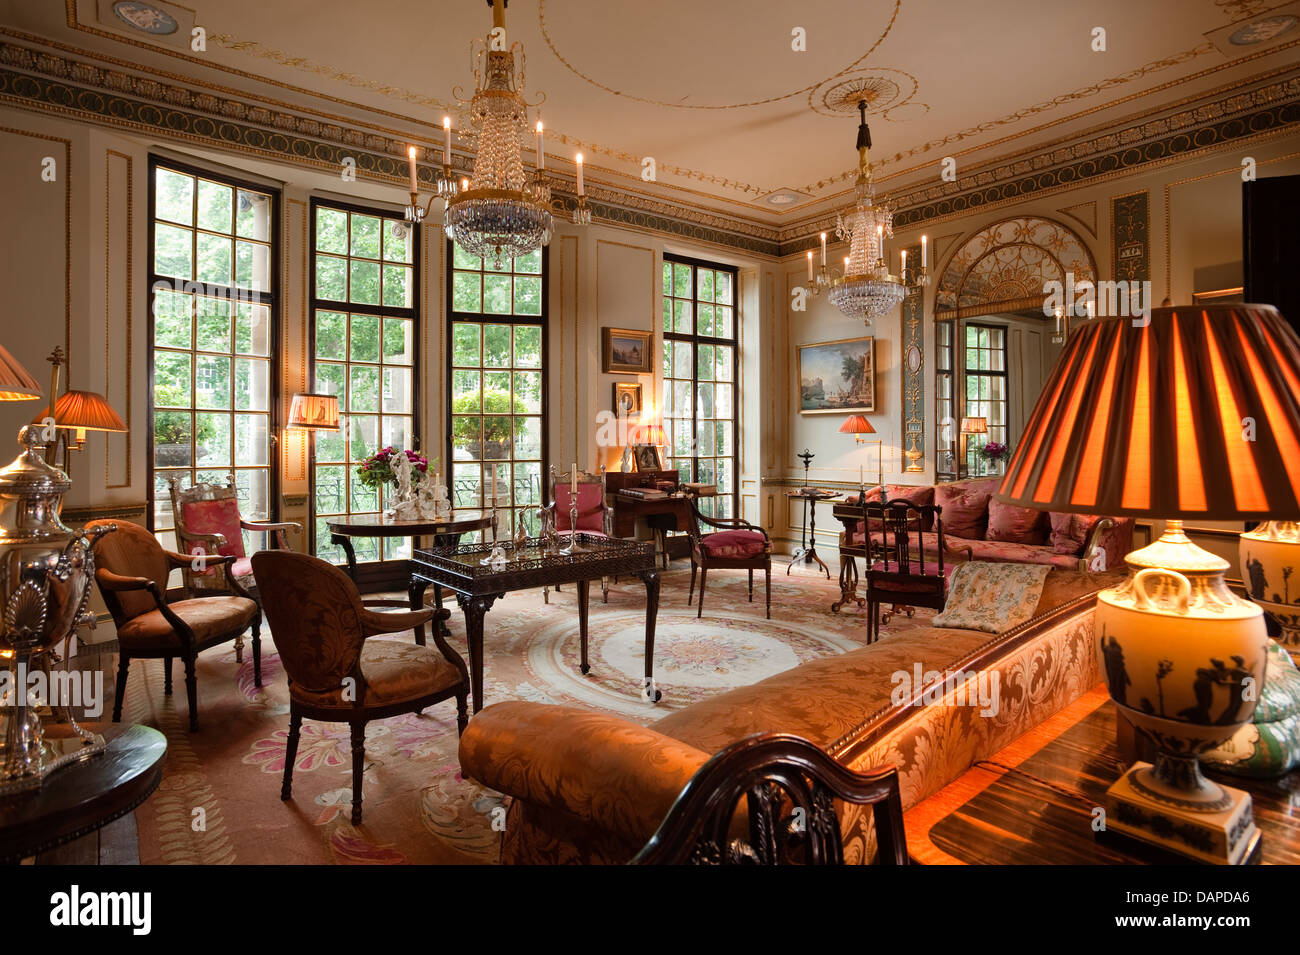 Zimmer Mit Kronleuchter ~ Neoklassisch rezeption zimmer dekoriert mit louis xvi